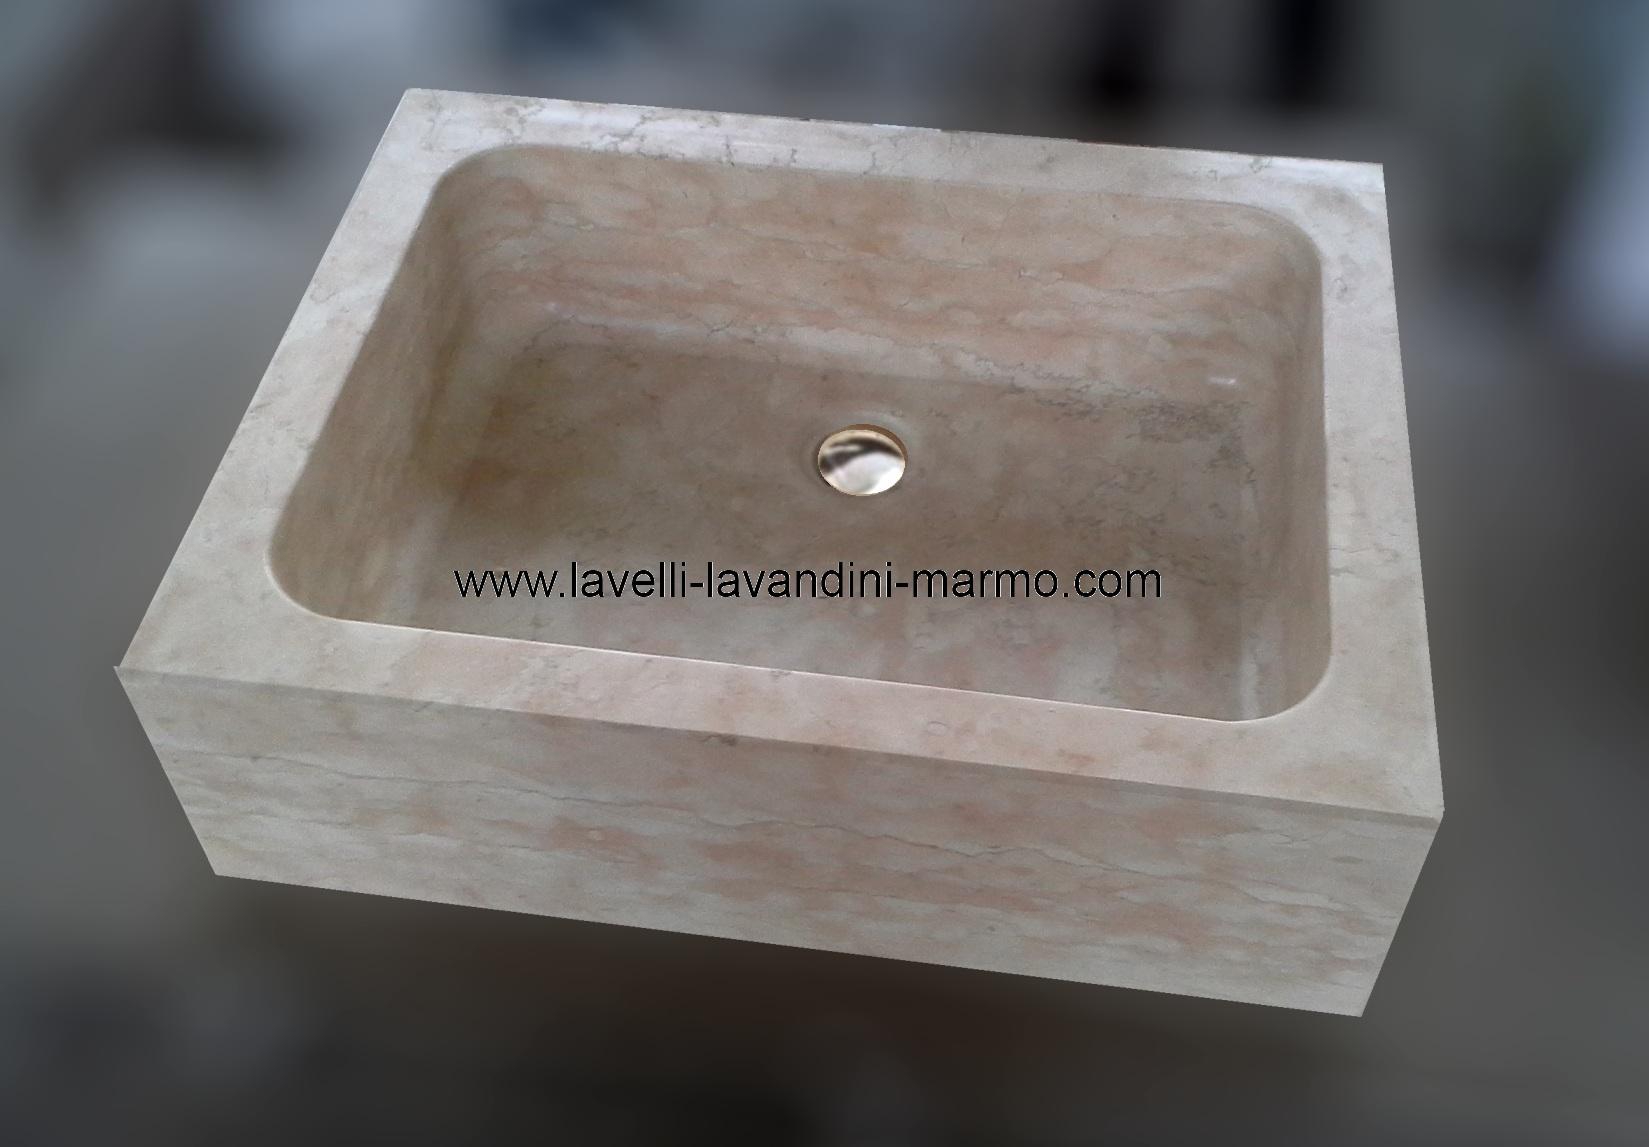 Top cucina ceramica: Lavelli cucina in marmo prezzi